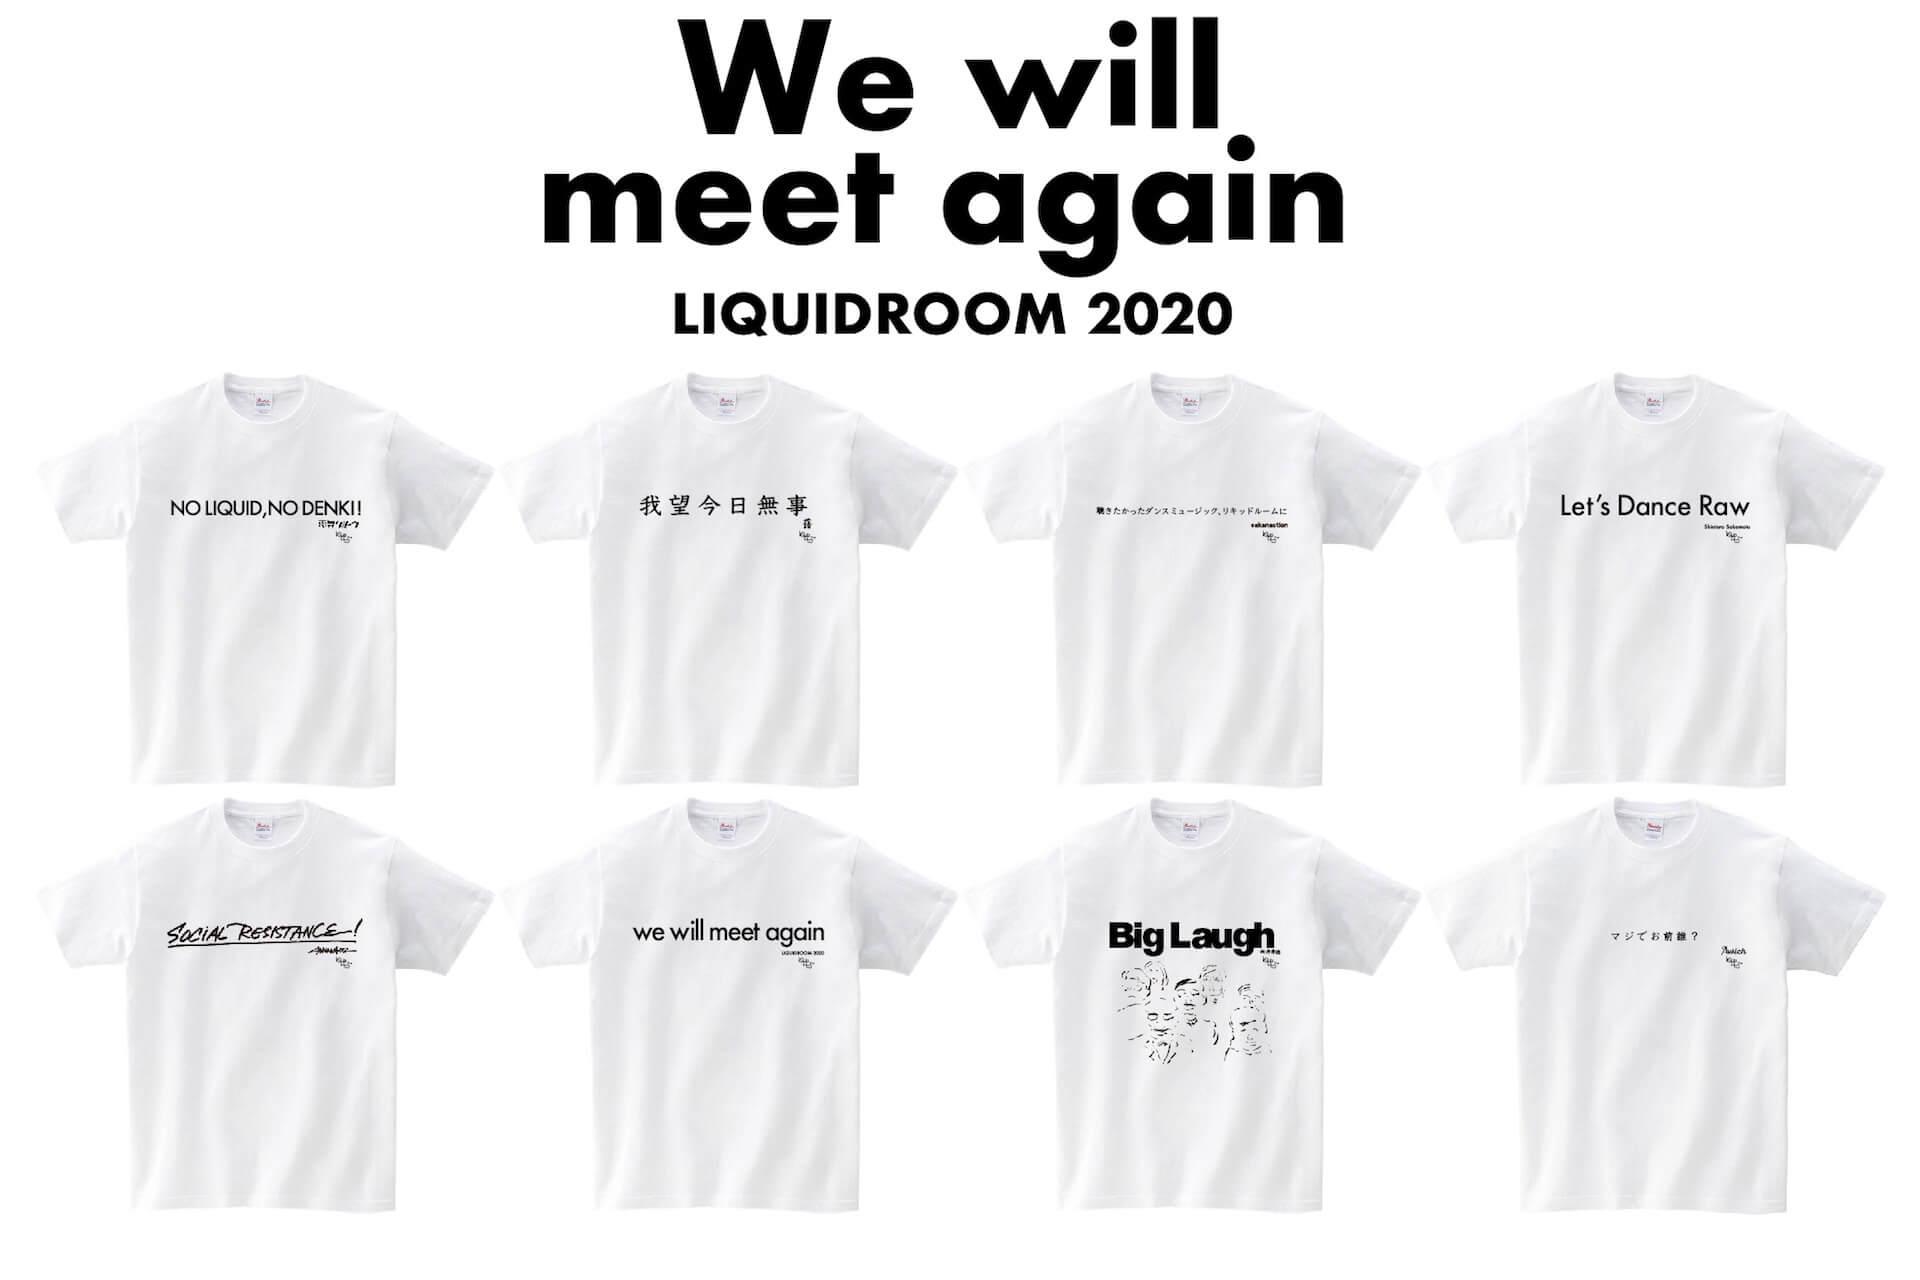 Awich、世に問う「お前誰T」 LIQUIDROOMとアーティストたちによるメッセージTシャツ・プロジェクト〈We will meet again〉より発表 music200529-liquidroom-awich-3